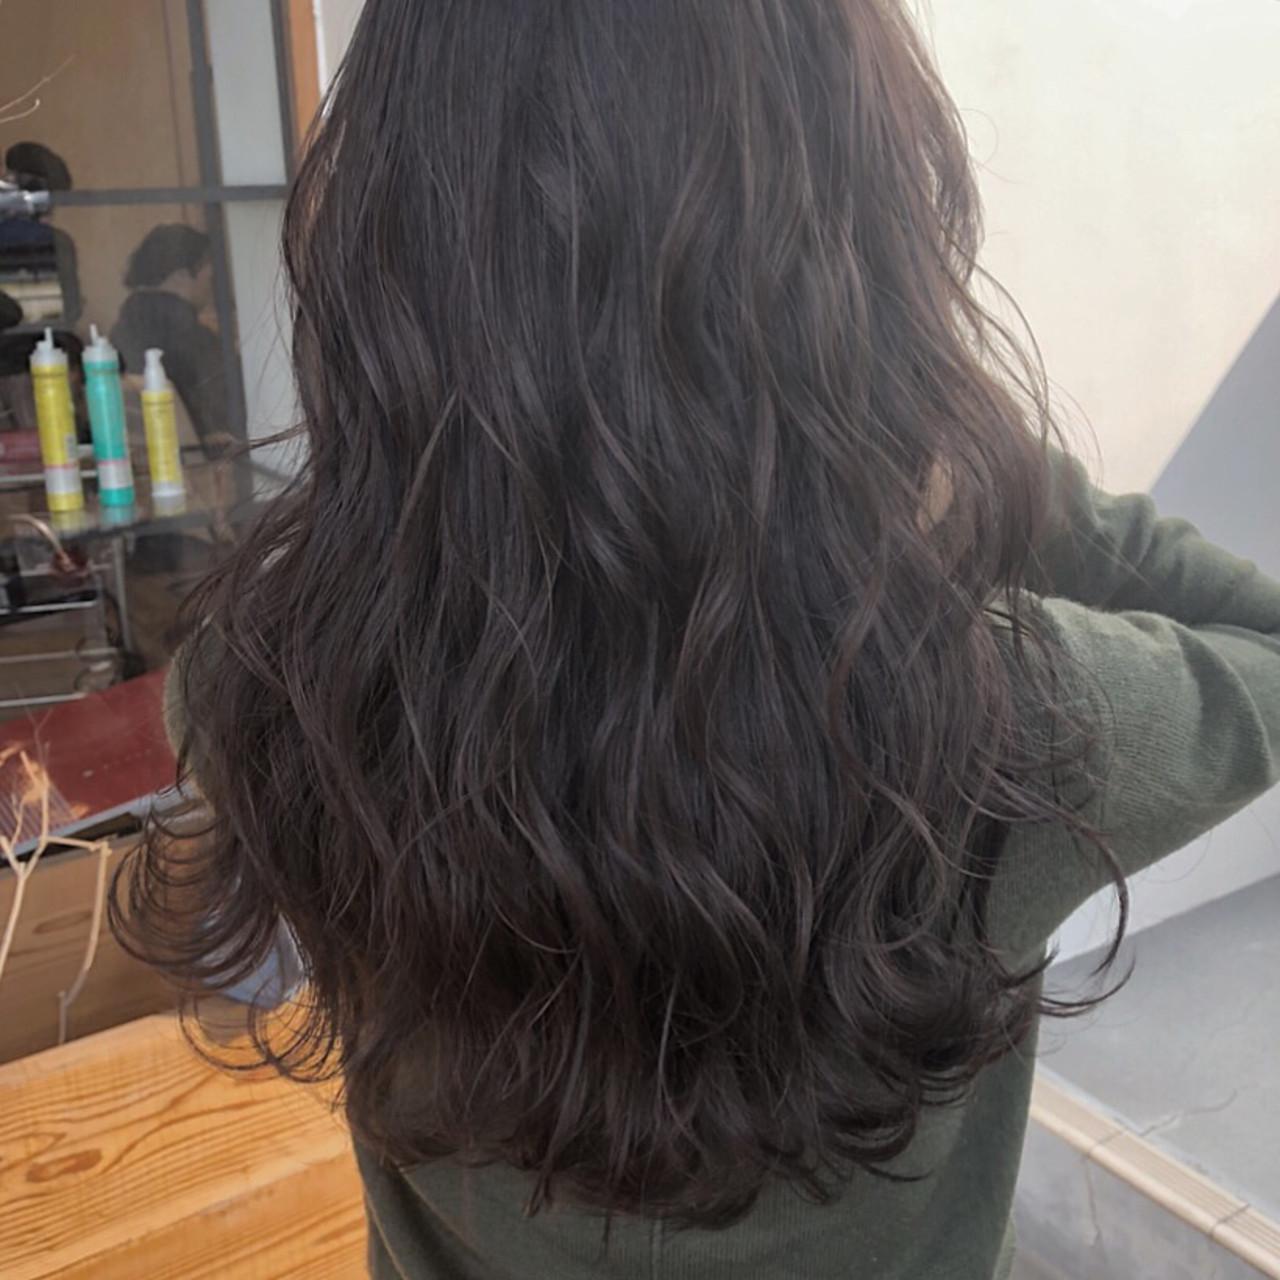 ハイライト ロング デート ナチュラル ヘアスタイルや髪型の写真・画像